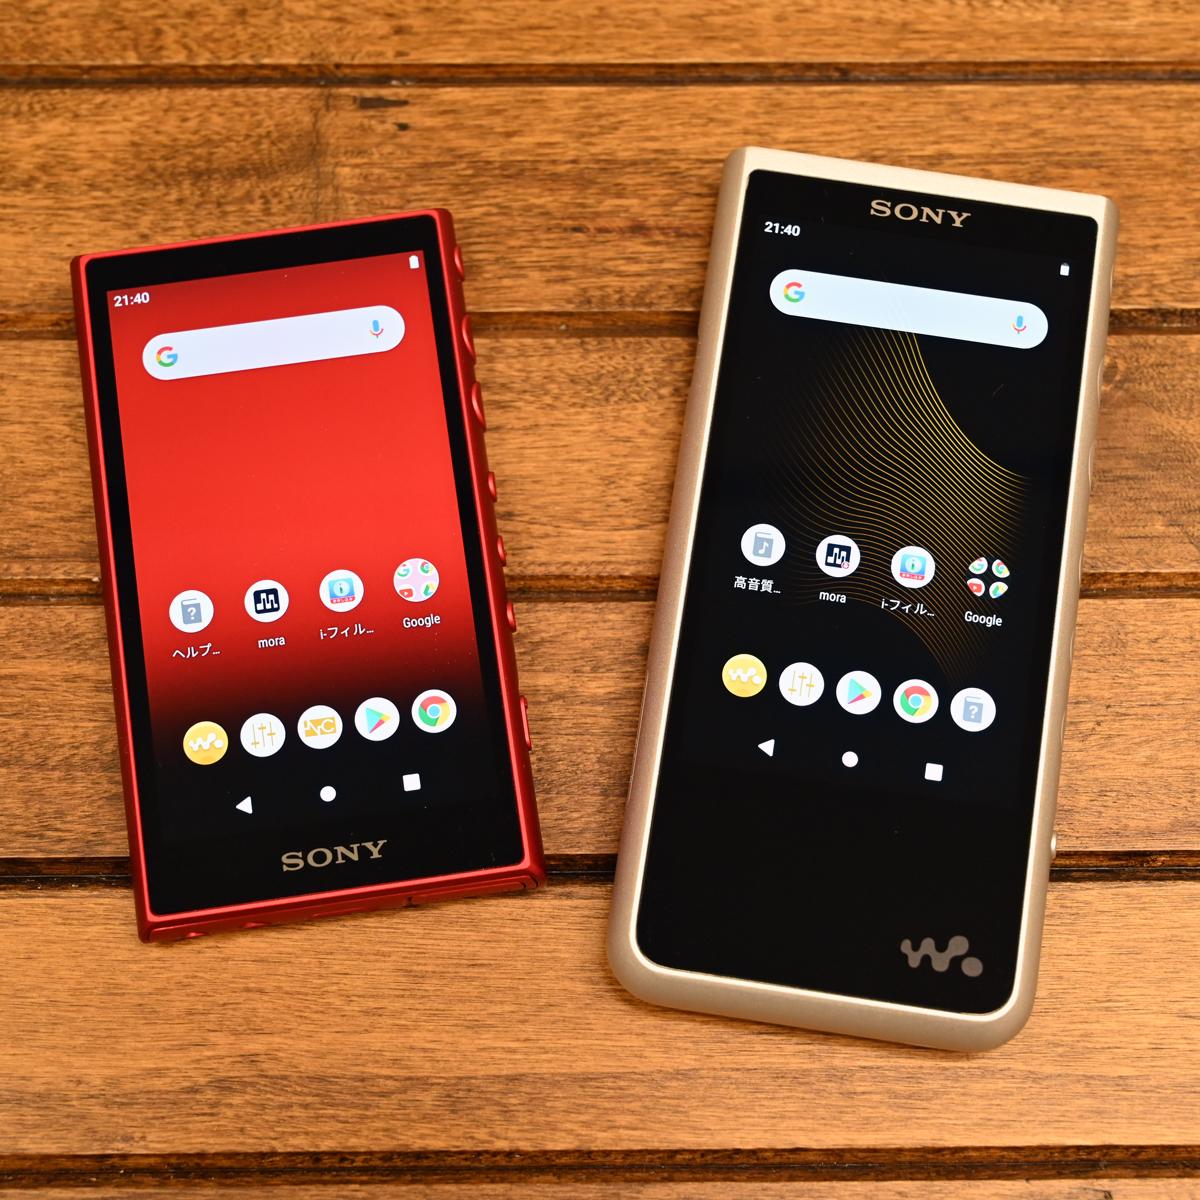 使い勝手や音質は? Android採用の新世代ウォークマン「A100」「ZX500」実力チェック!